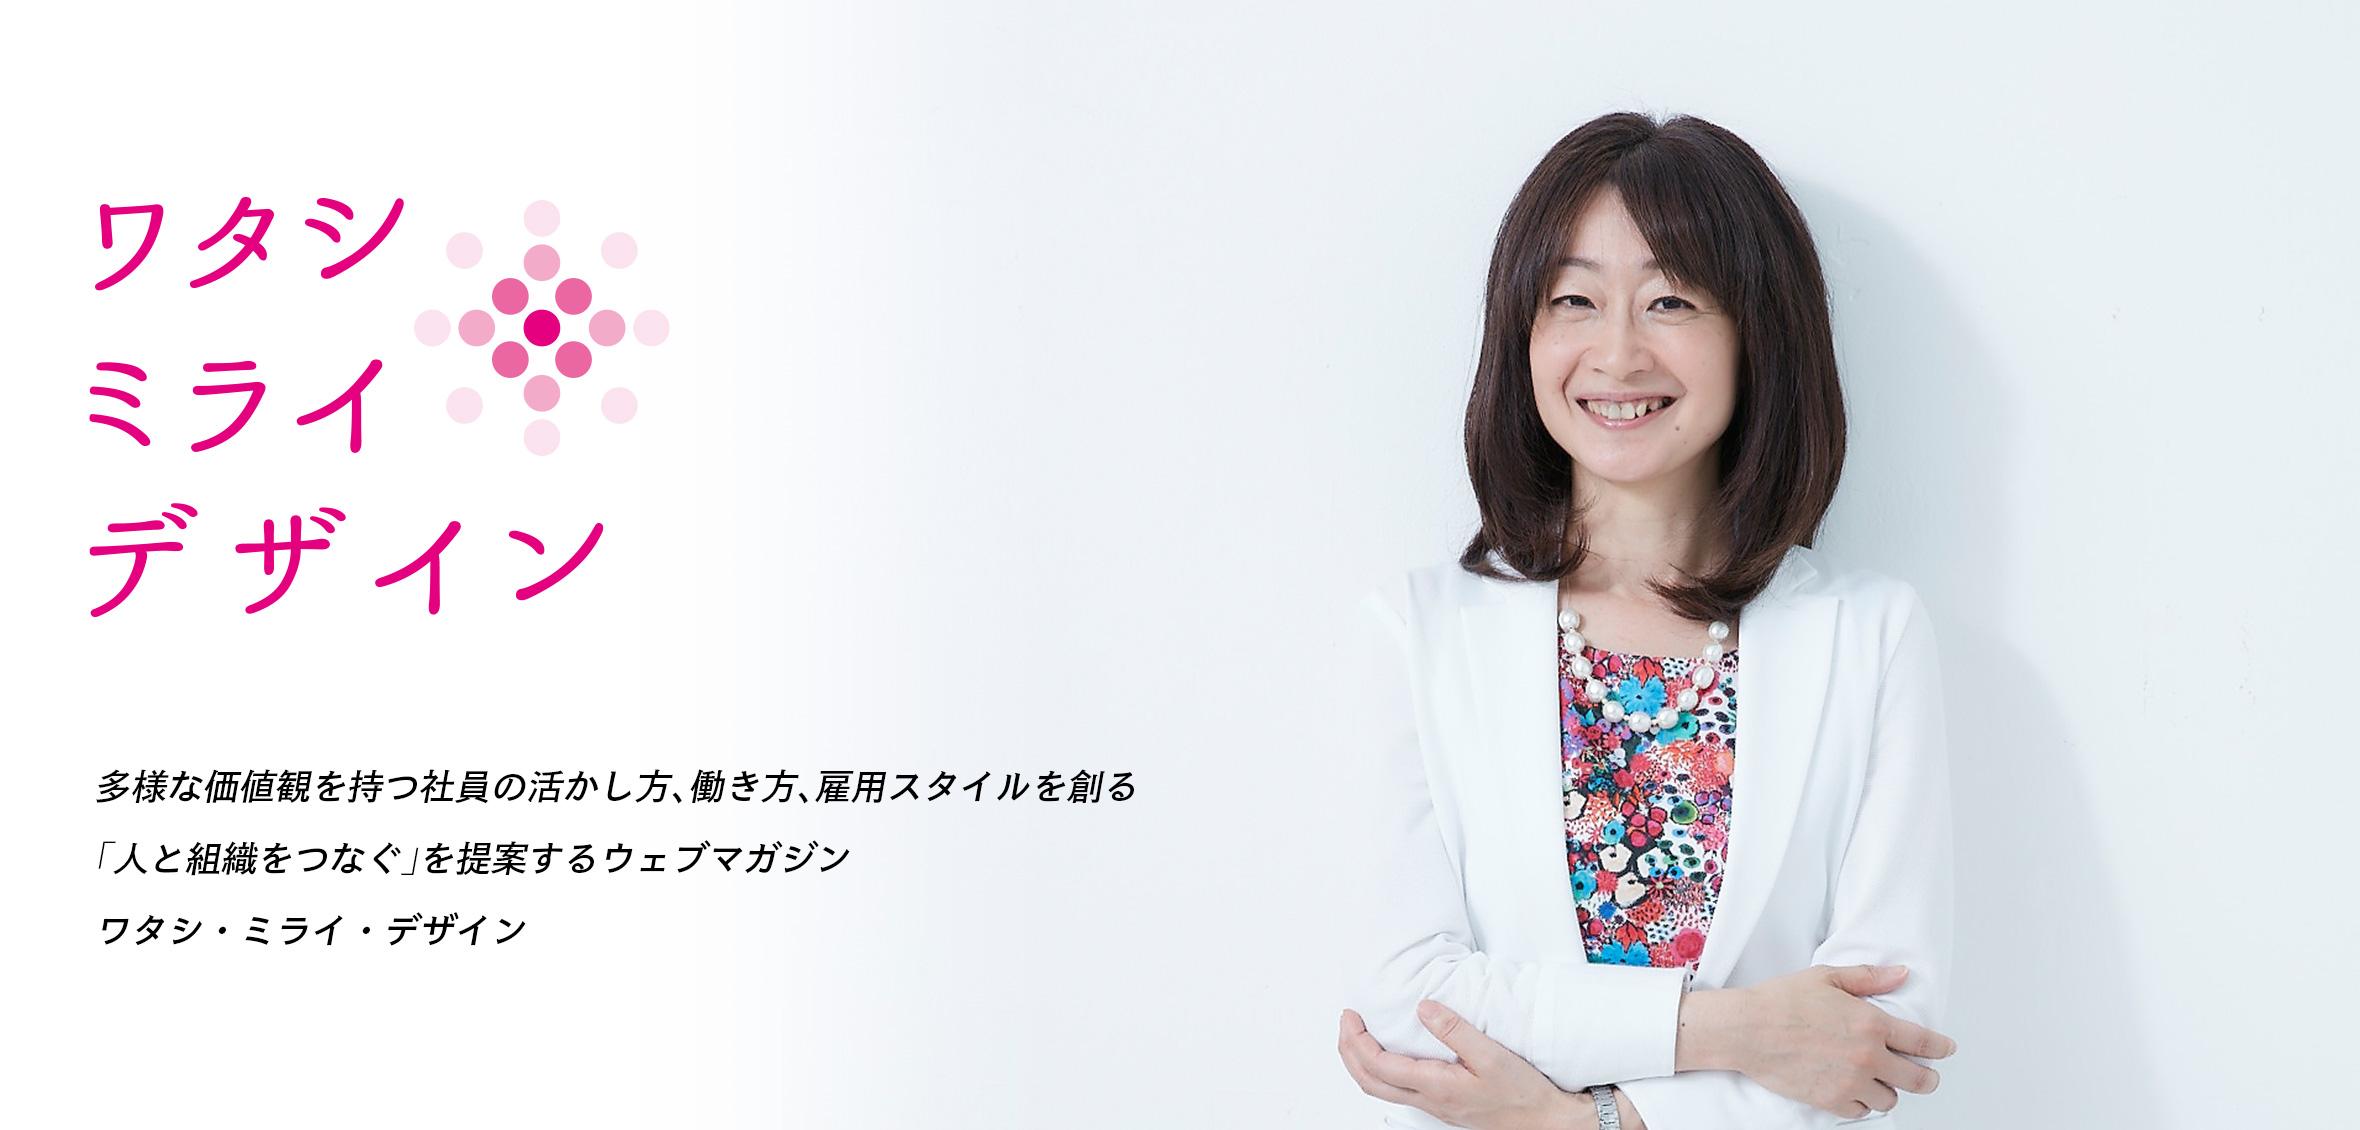 ワタシ・ミライ・デザイン